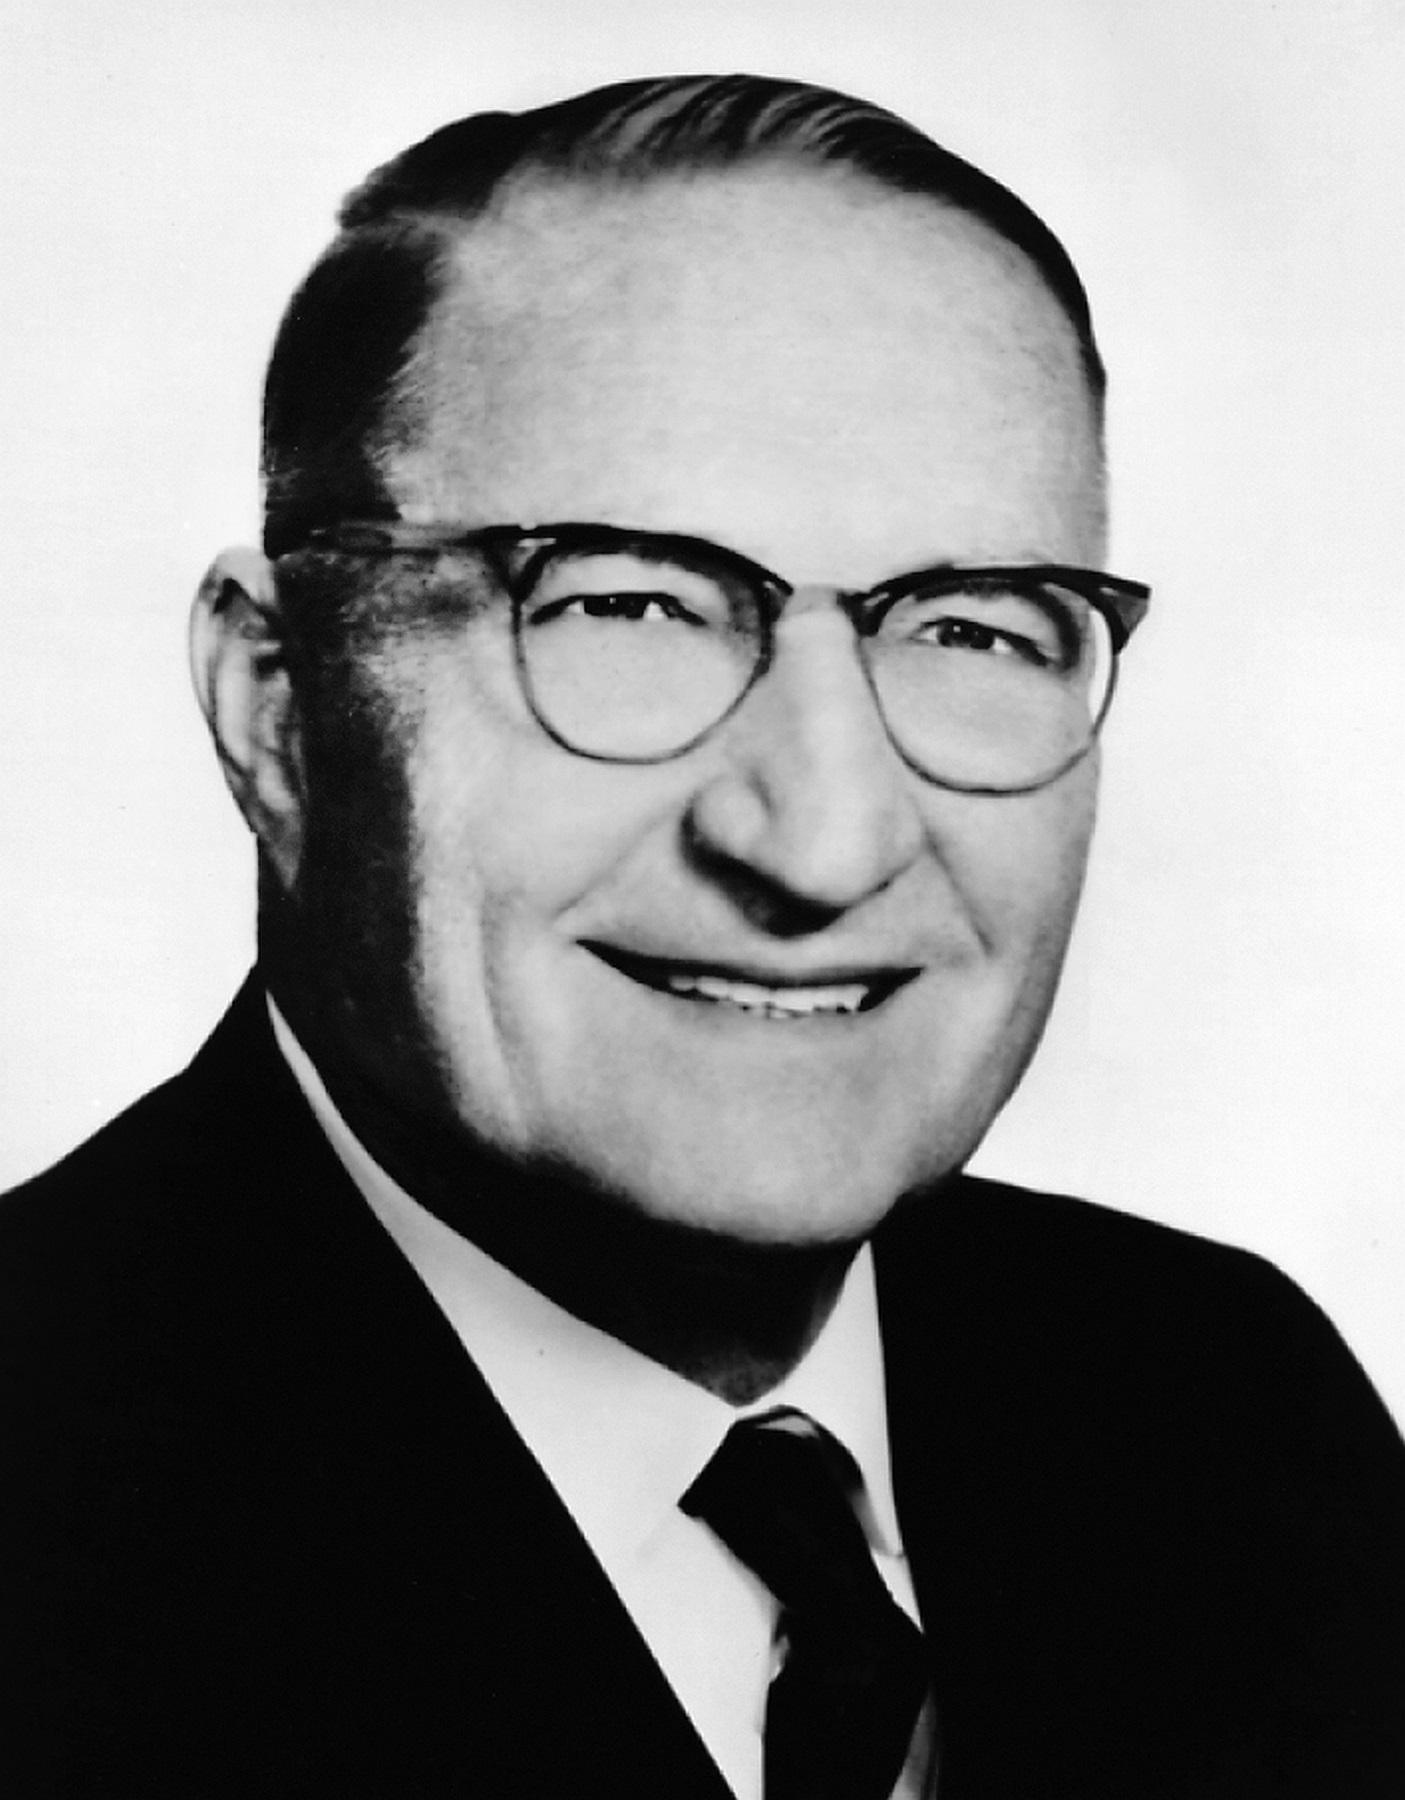 Edward M. Knabusch